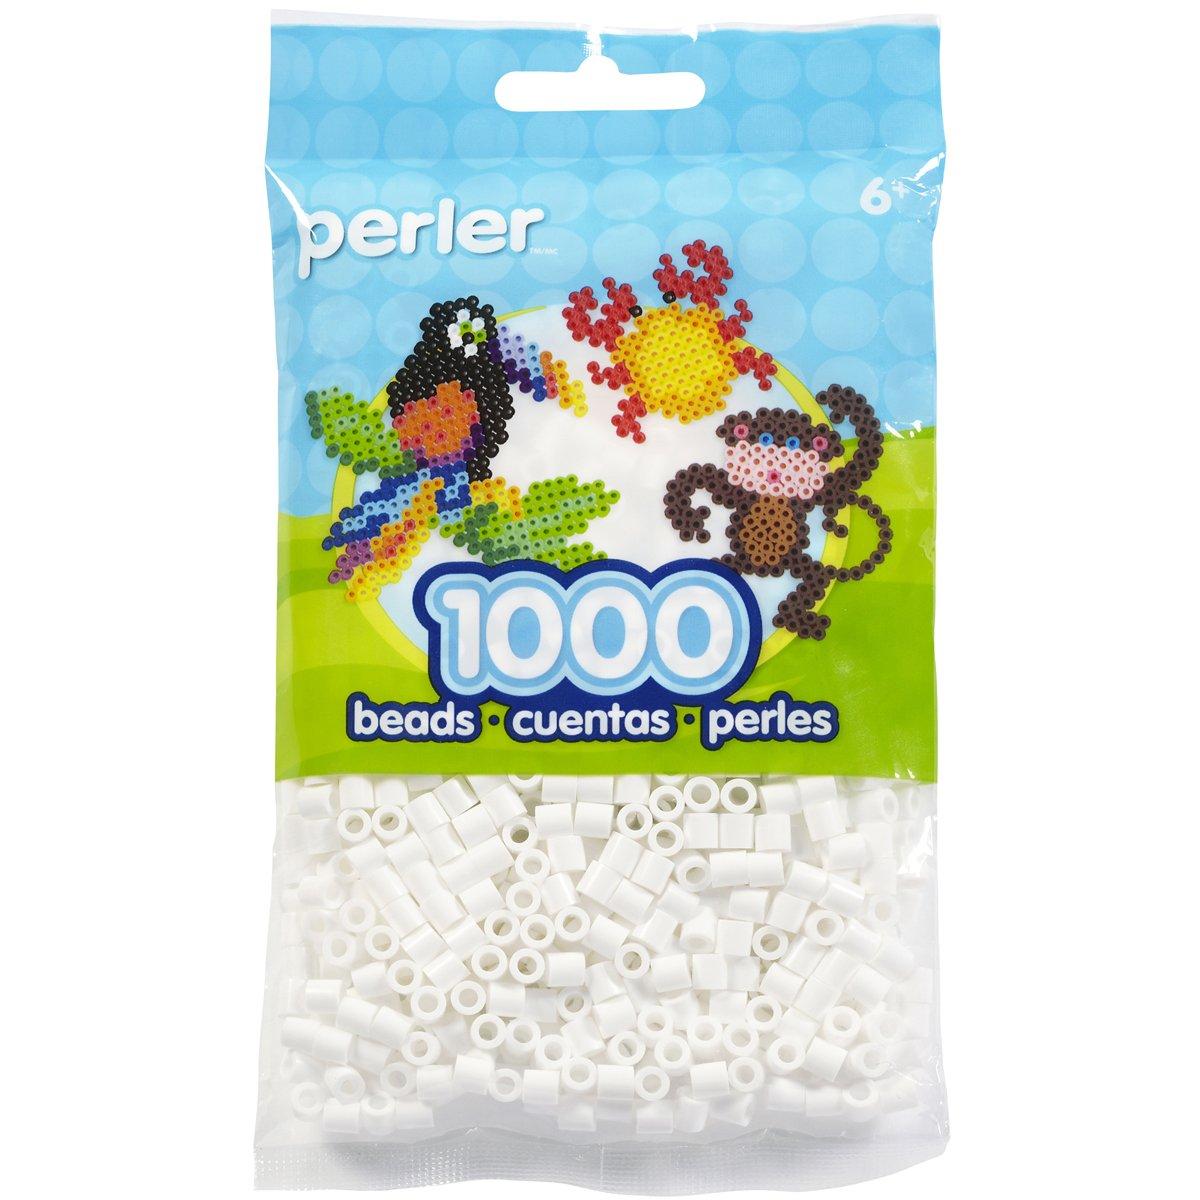 Perler 80-19001 Beads Bead Bag, White Perler Beads